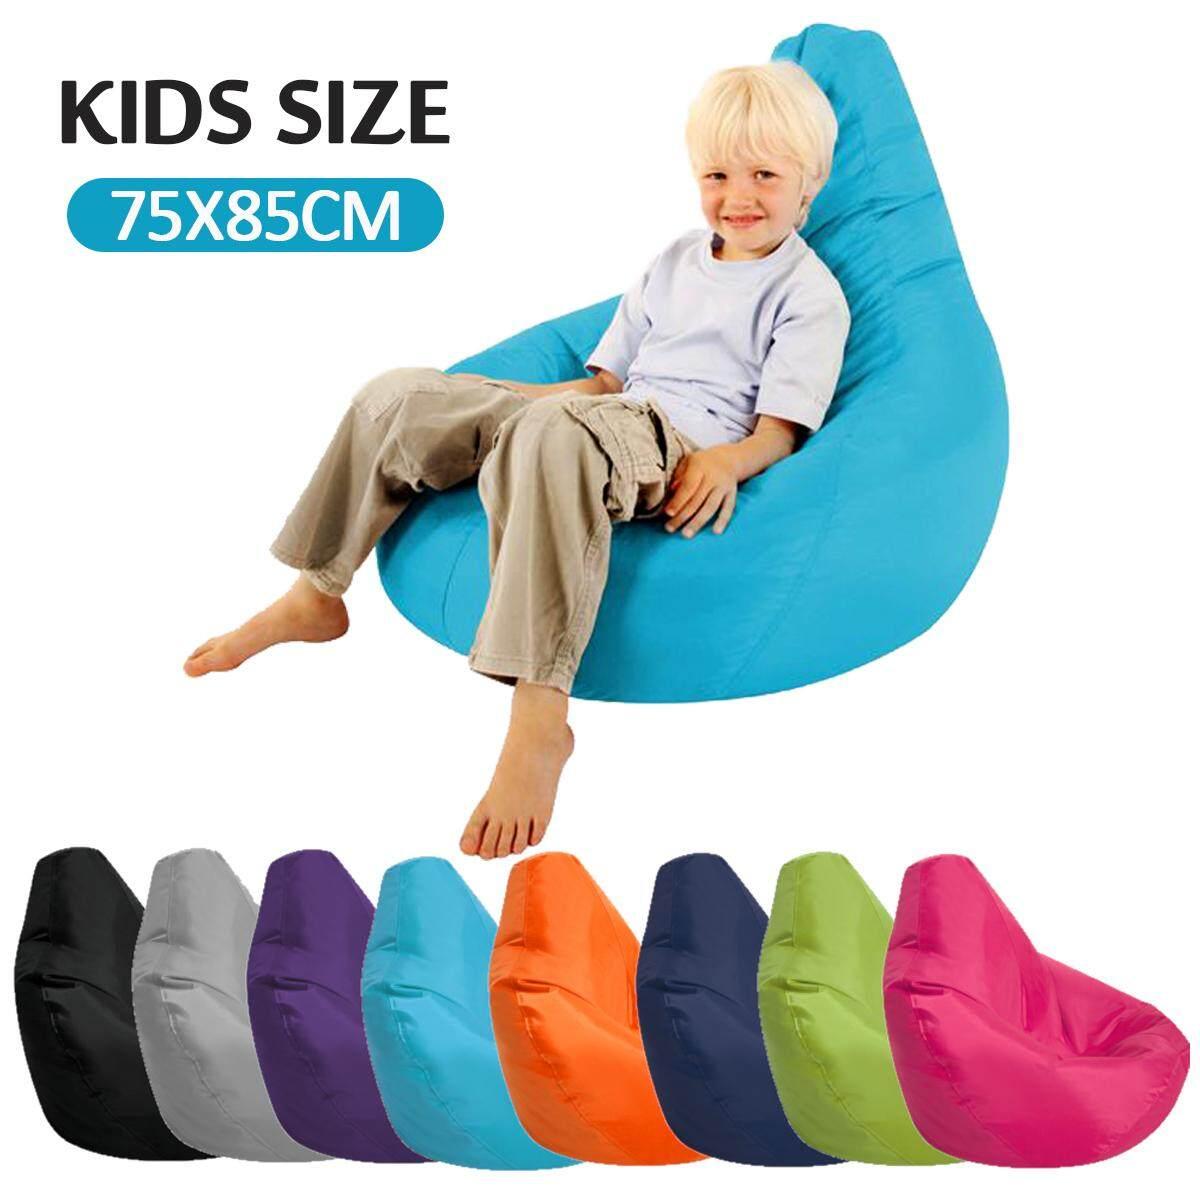 Miraculous Unfilled Large Bean Bag Cover Indoor Outdoor Beanbag Garden Waterproof Kidscover Onlyno Filling Uwap Interior Chair Design Uwaporg